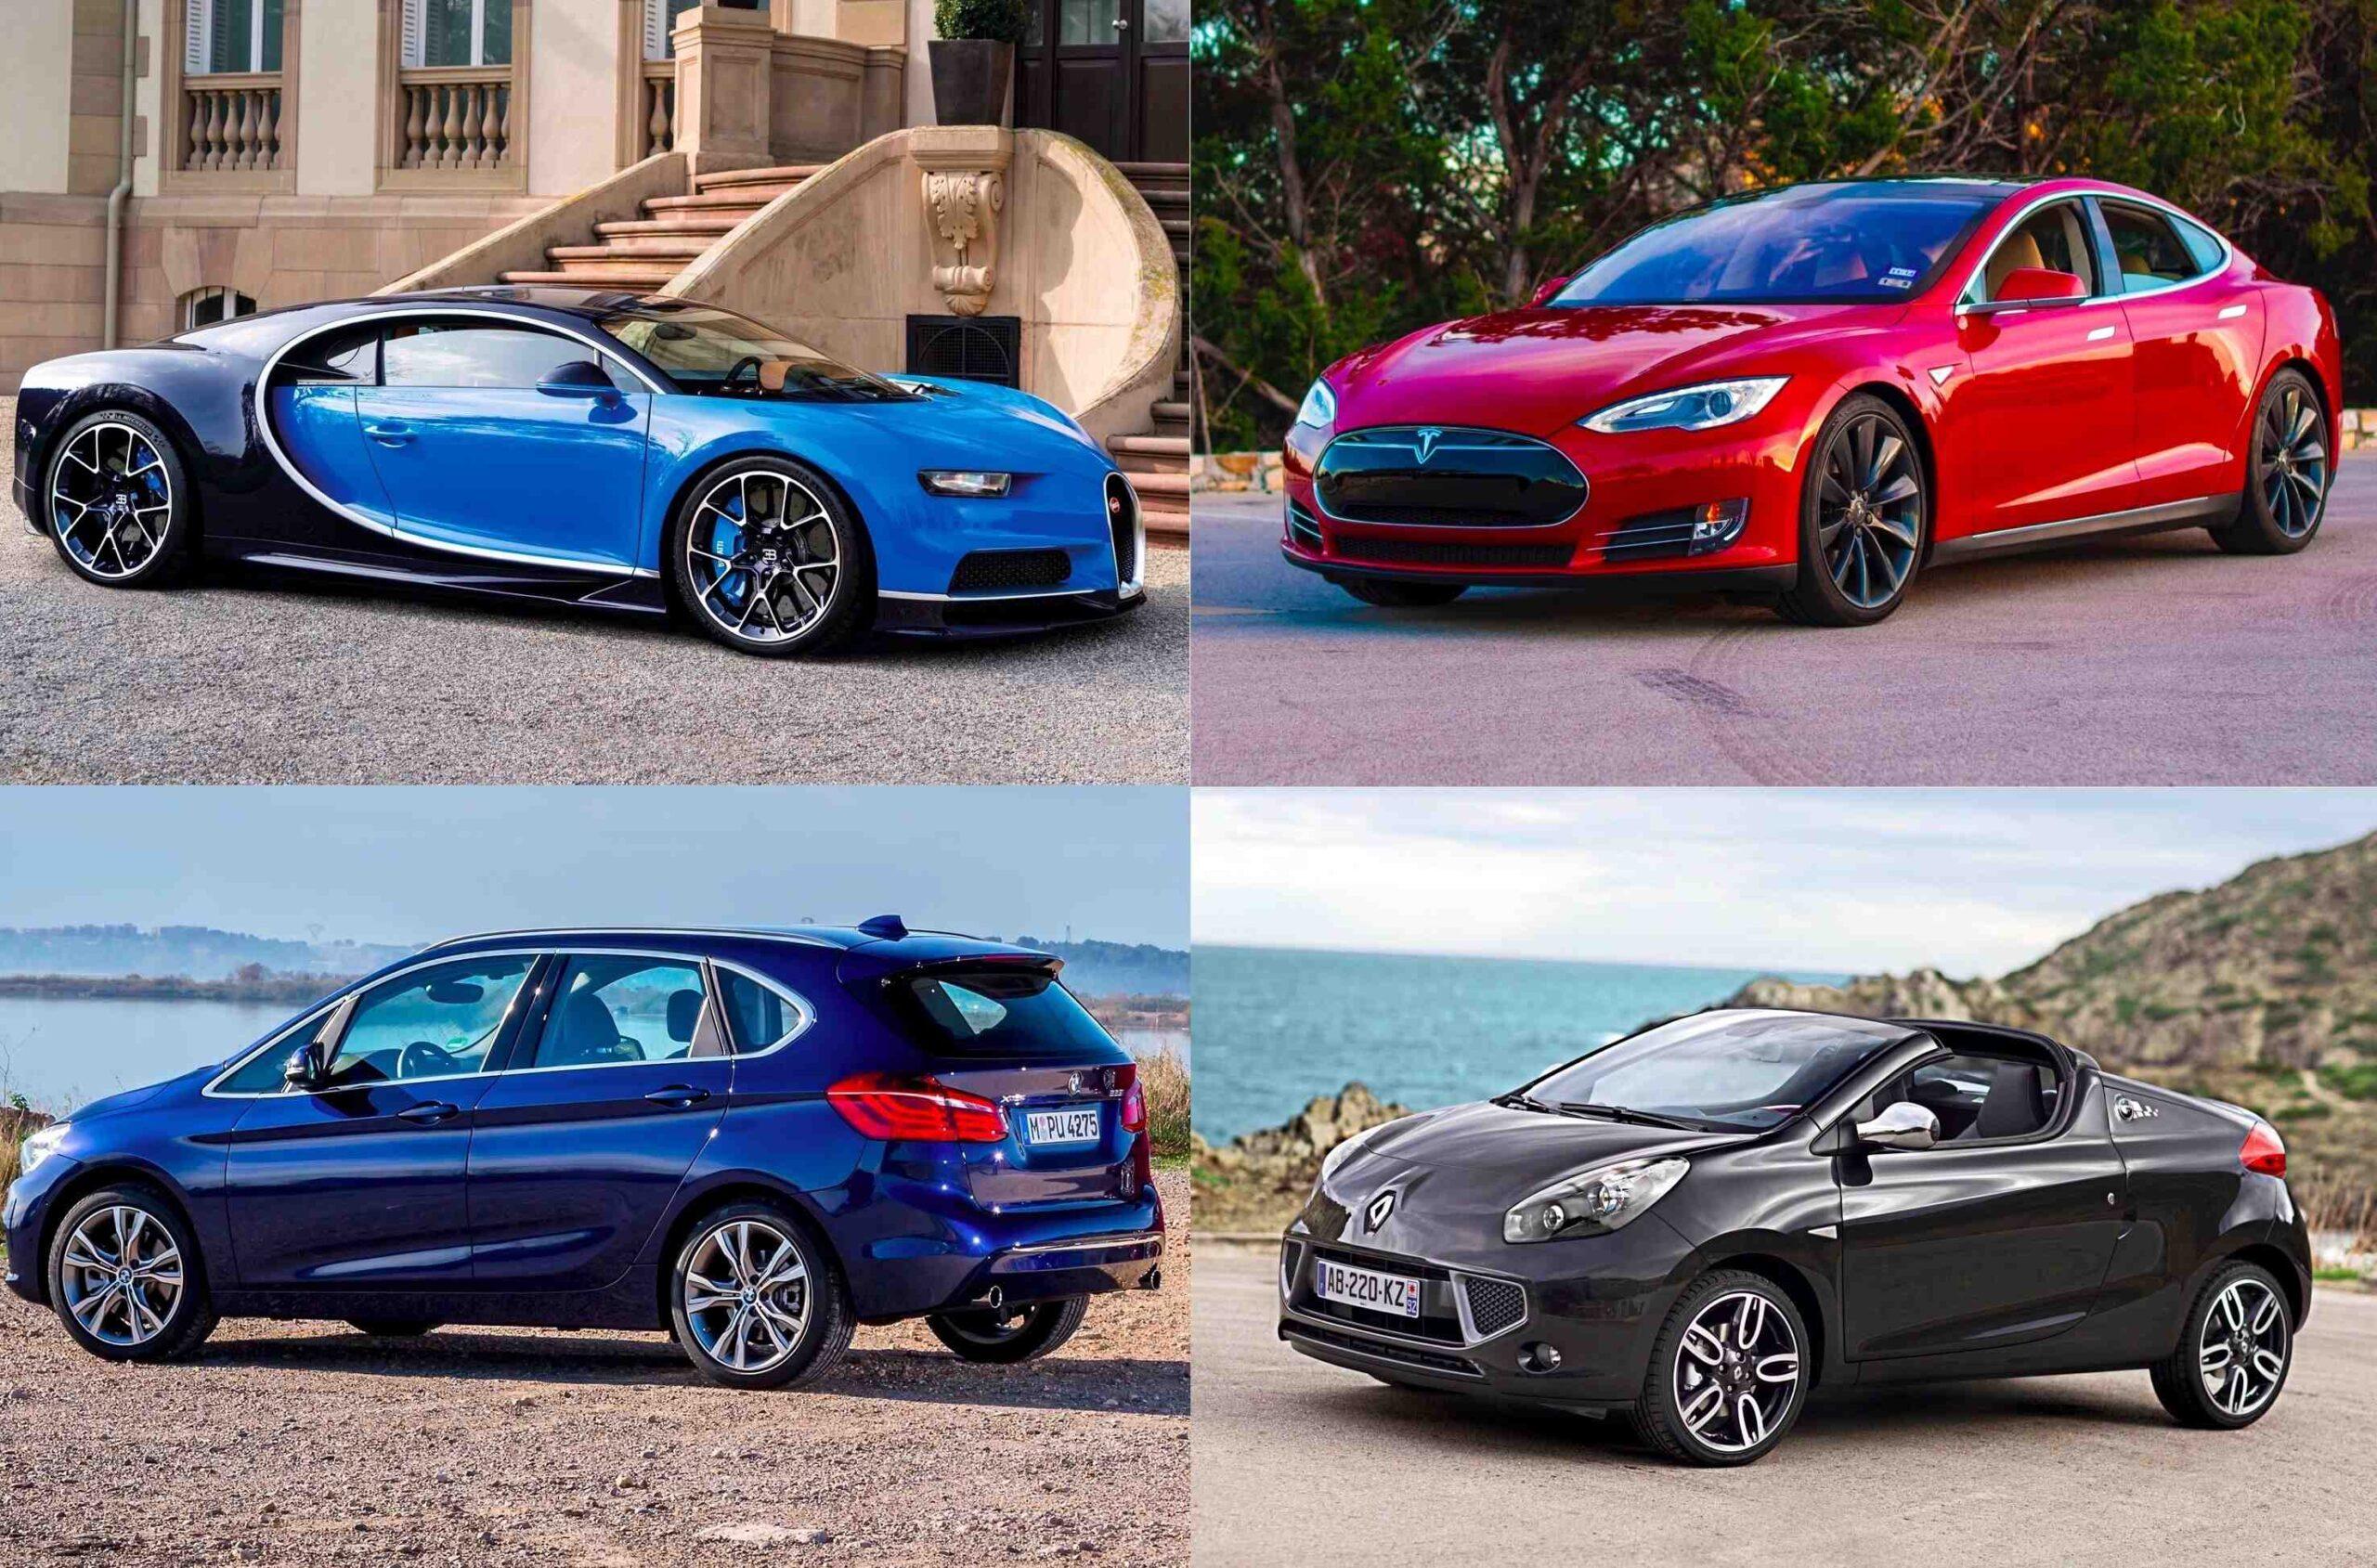 Quel sont les marque de voiture japonaise ?